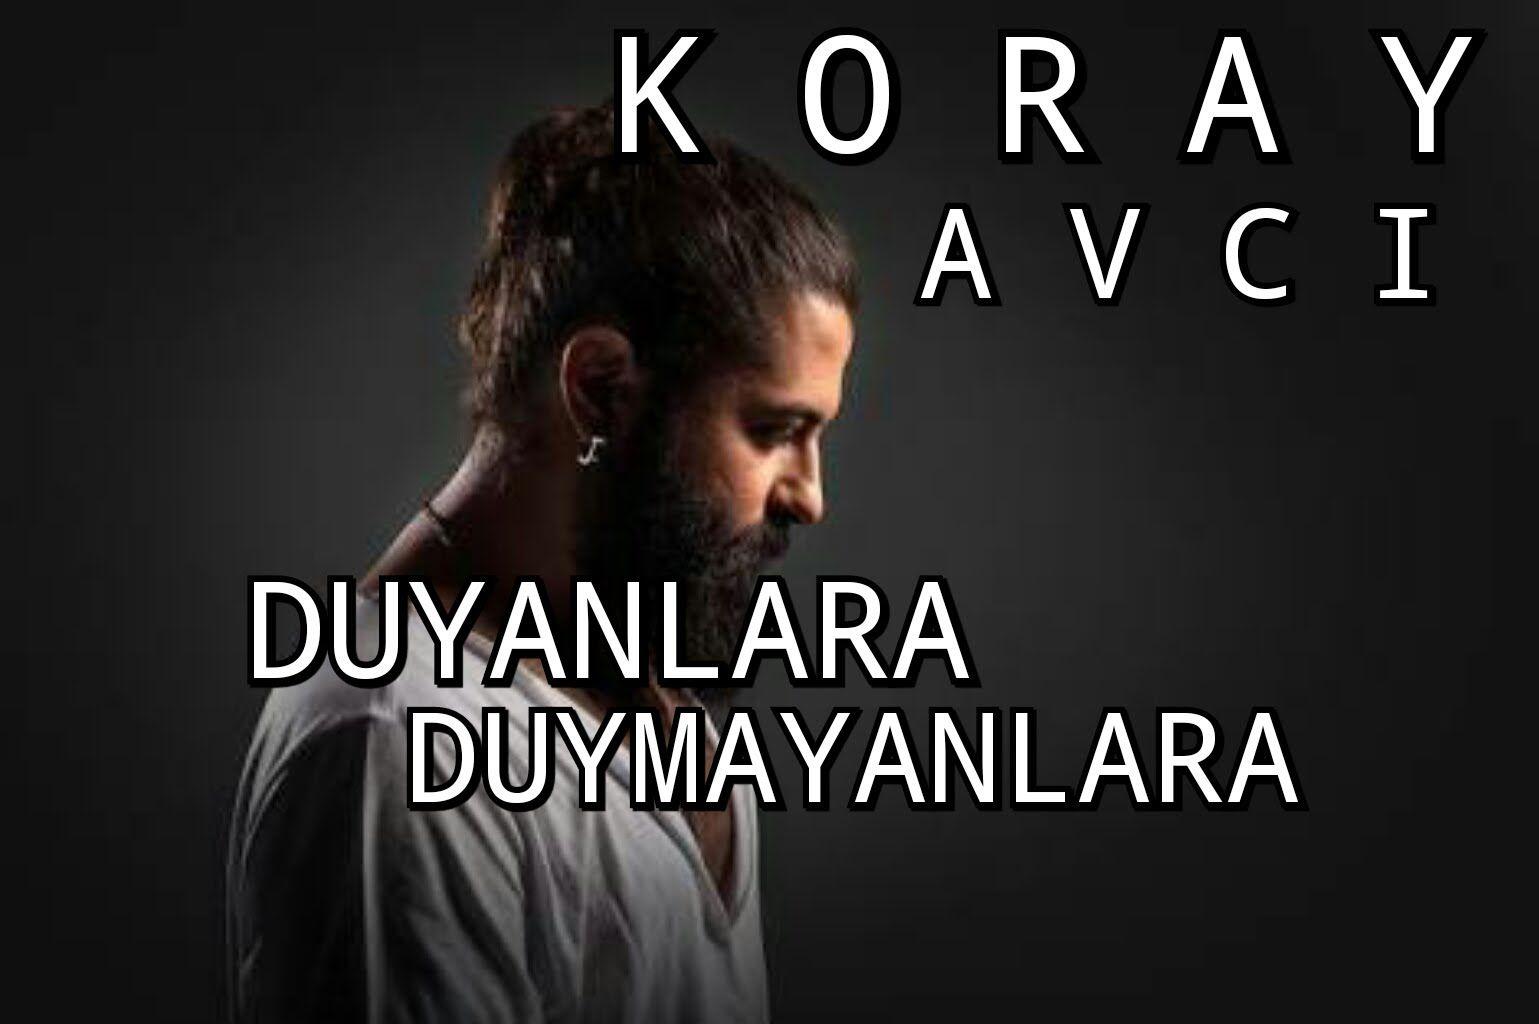 Koray Avci Duyanlara Duymayanlara Official Video Youtube Video Music